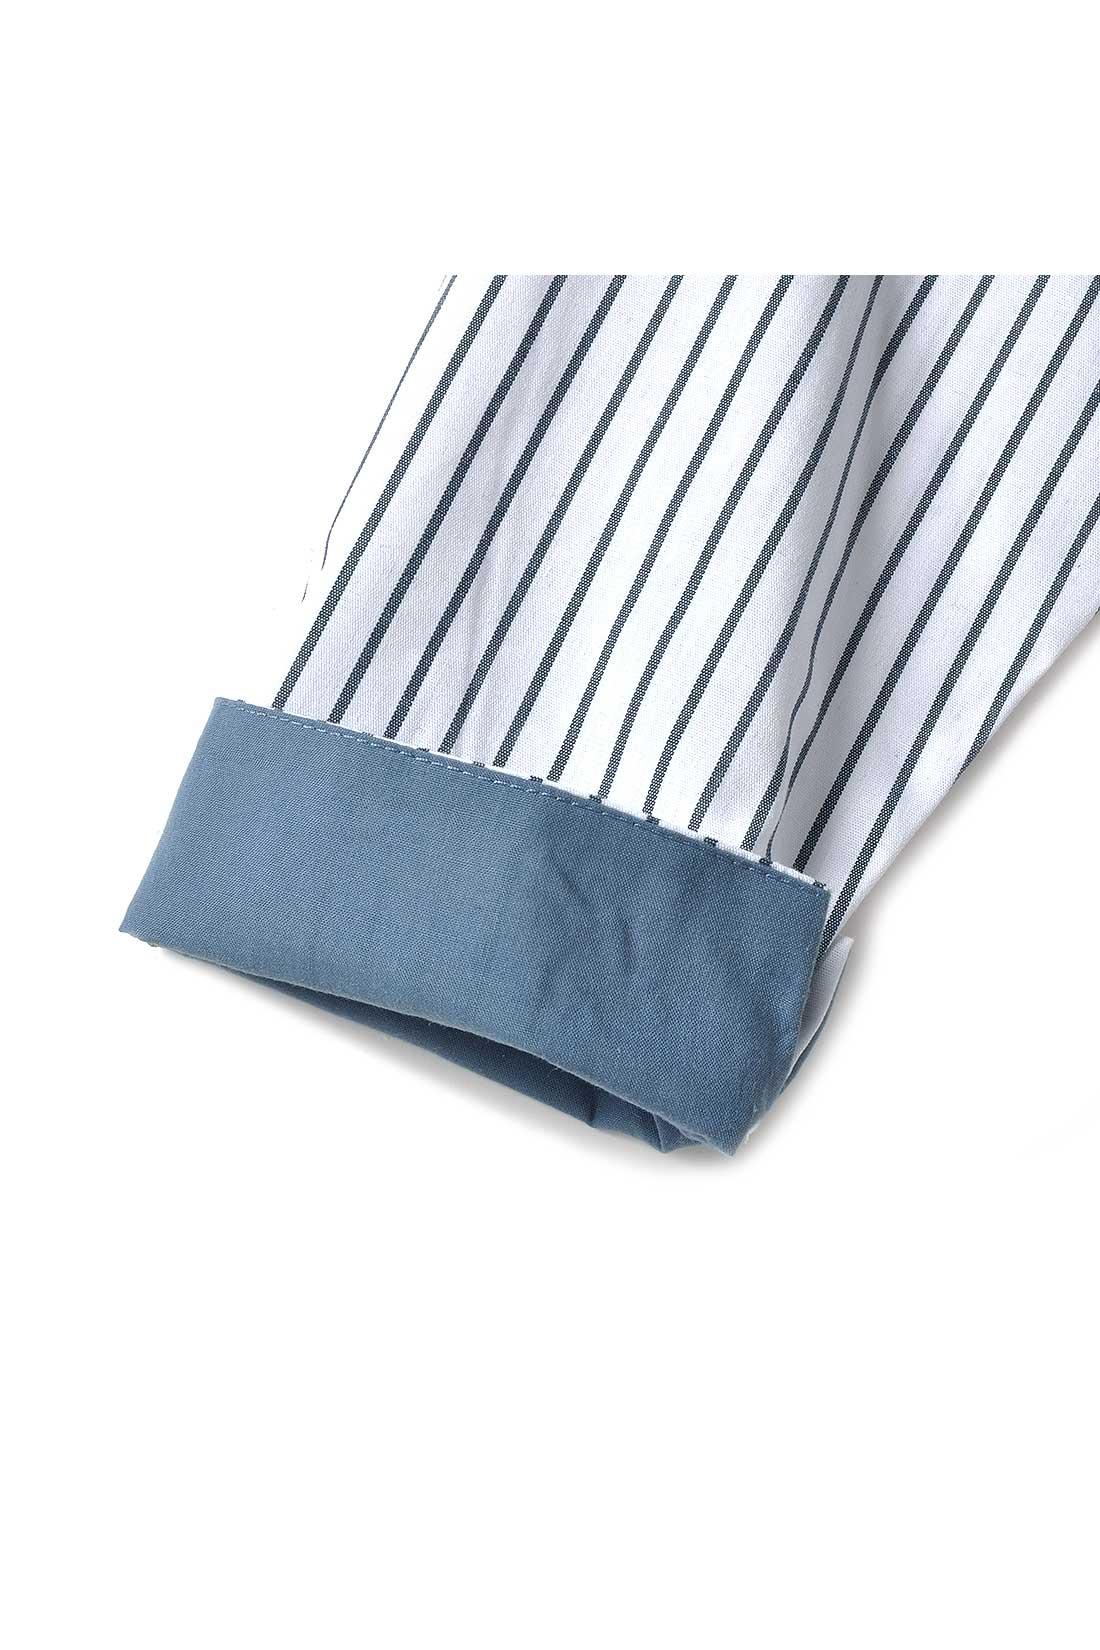 袖の部分を折り返すと、配色生地がチラリ。